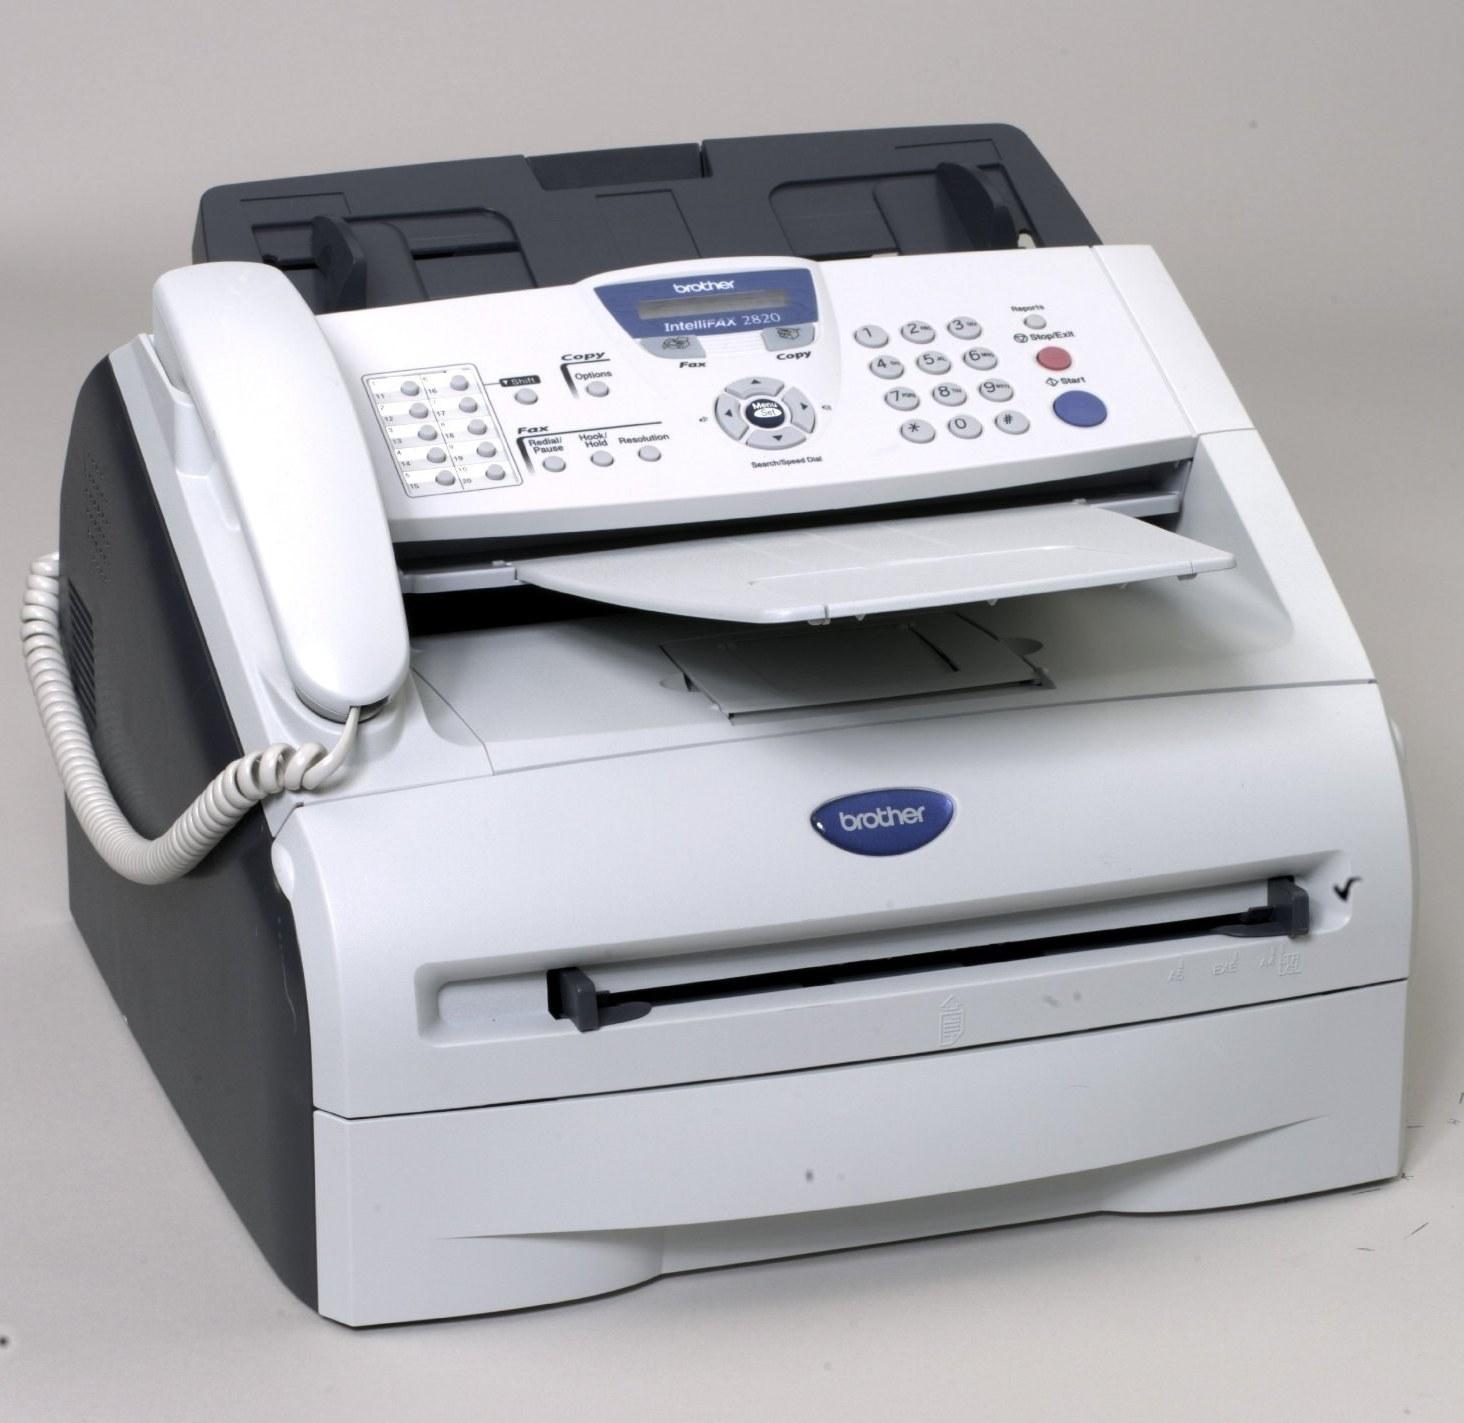 تصویر فکس برادر مدل: 2820 Brother FAX-2820Fax  Machine